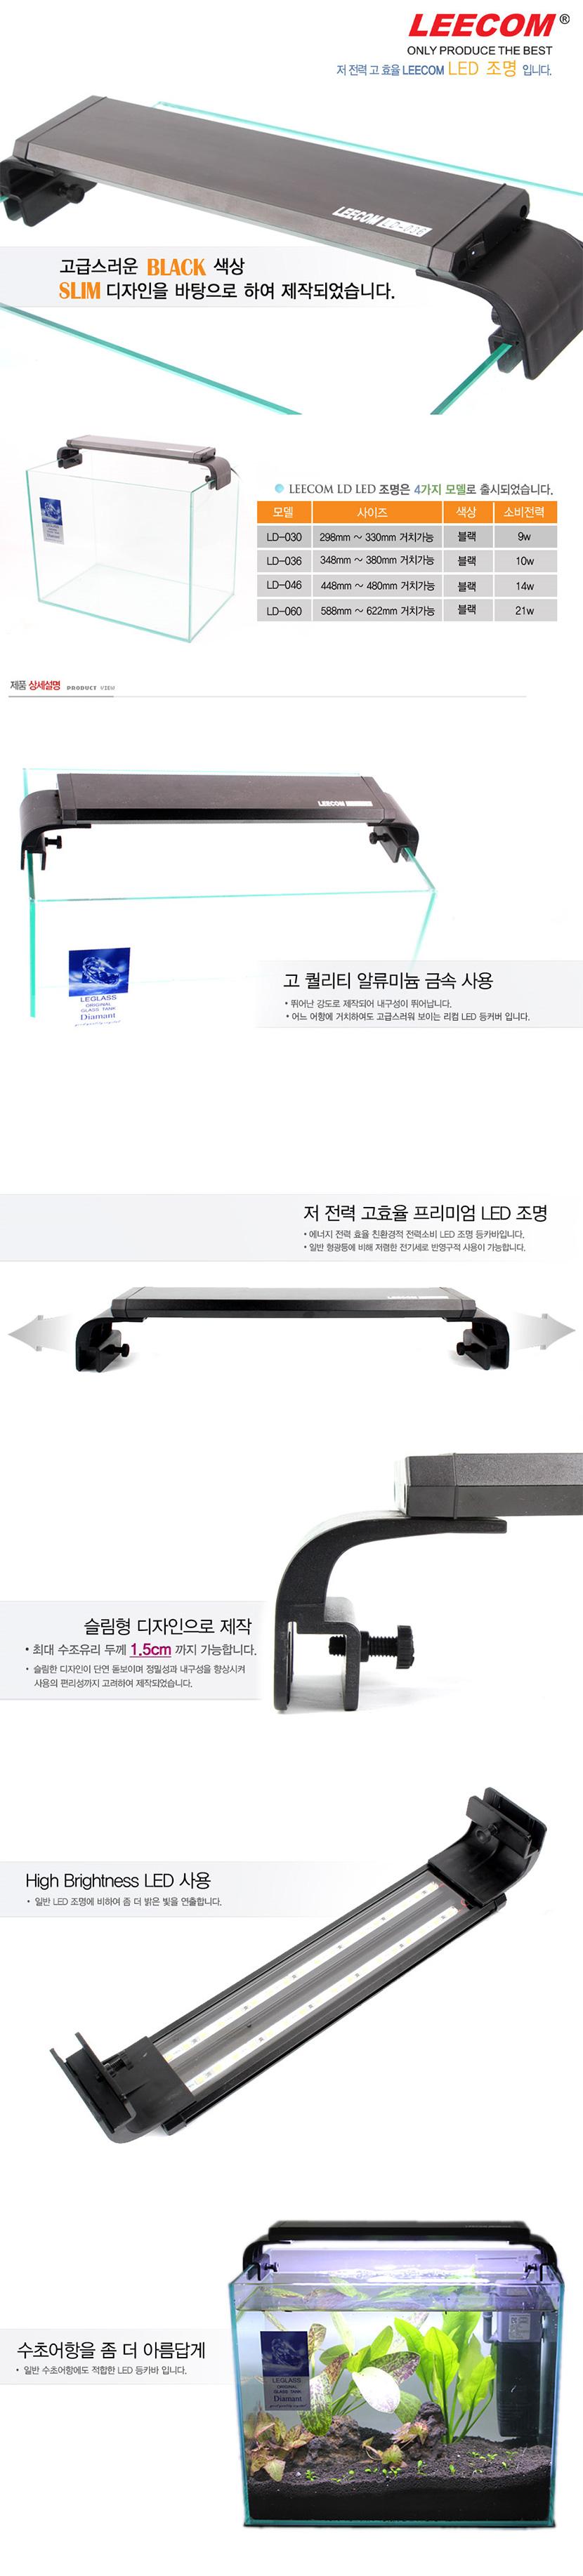 리컴 LD-030 LED 조명 등커버 - 라라아쿠아, 44,000원, 부속품, 조명